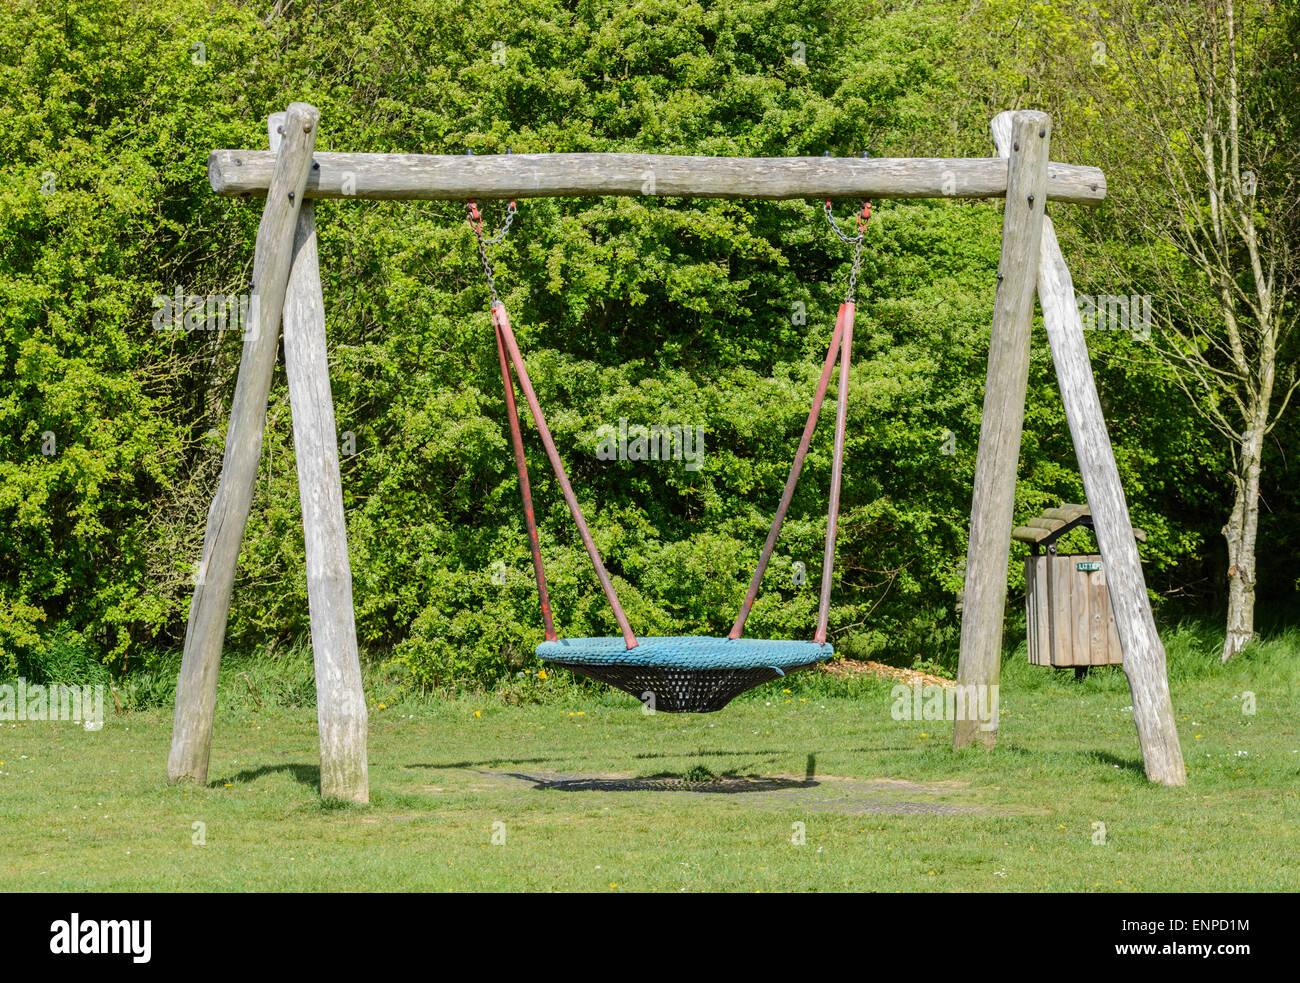 Moderner Swing mit Holzrahmen in einem Park. Stockbild